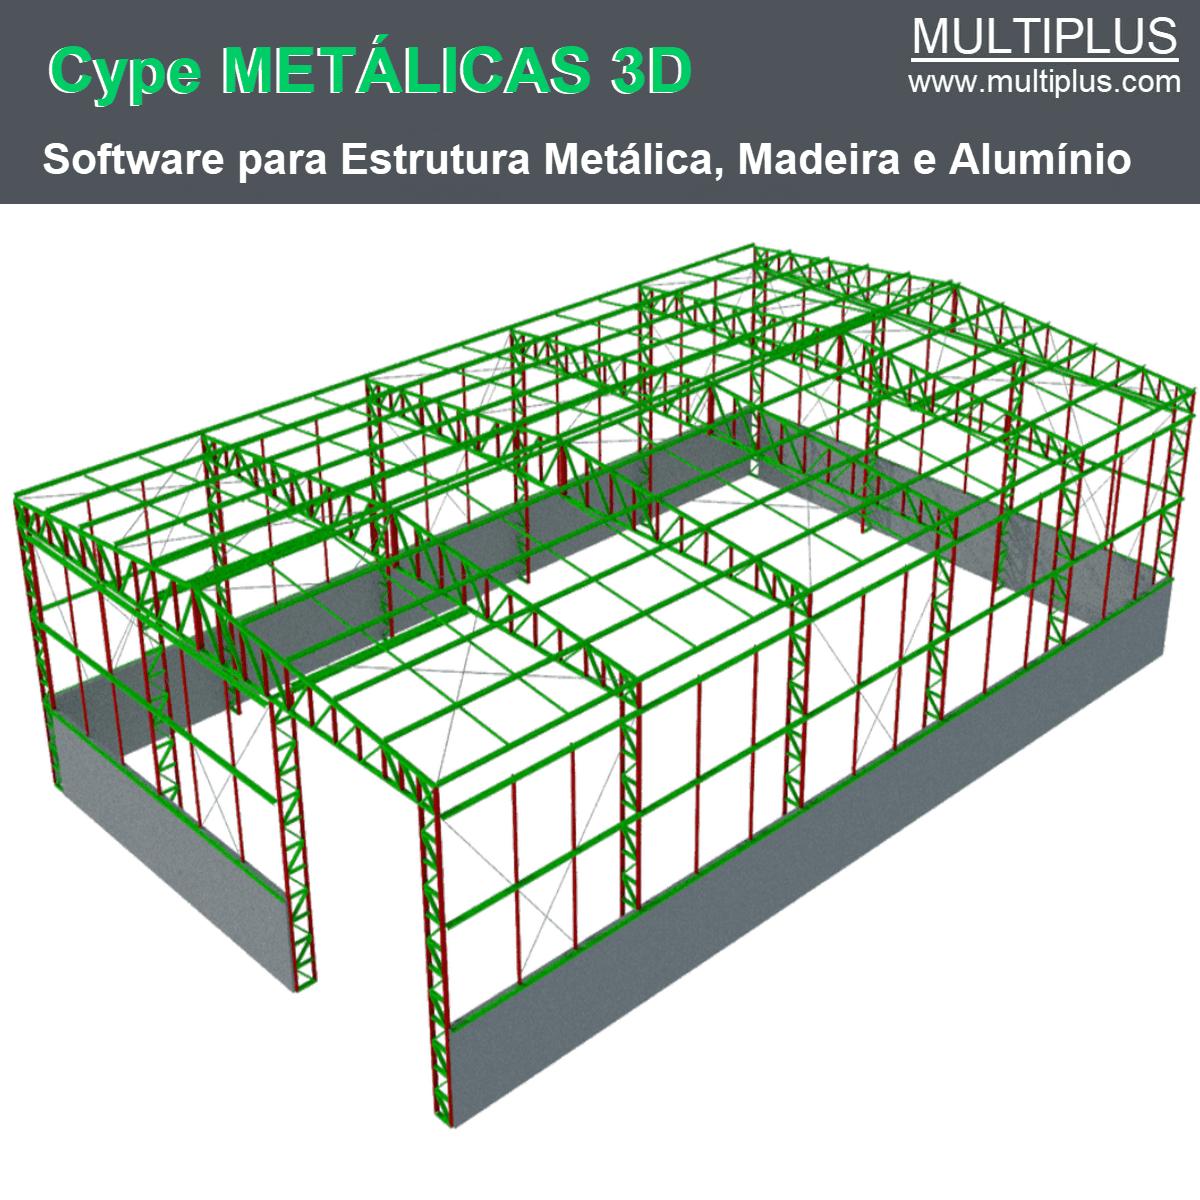 """Software Metálicas 3D MT46 versão 2021 (Licença Eletrônica) incluindo a modulação descrita em """"Itens Inclusos"""" a seguir  - MULTIPLUS SOFTWARES"""